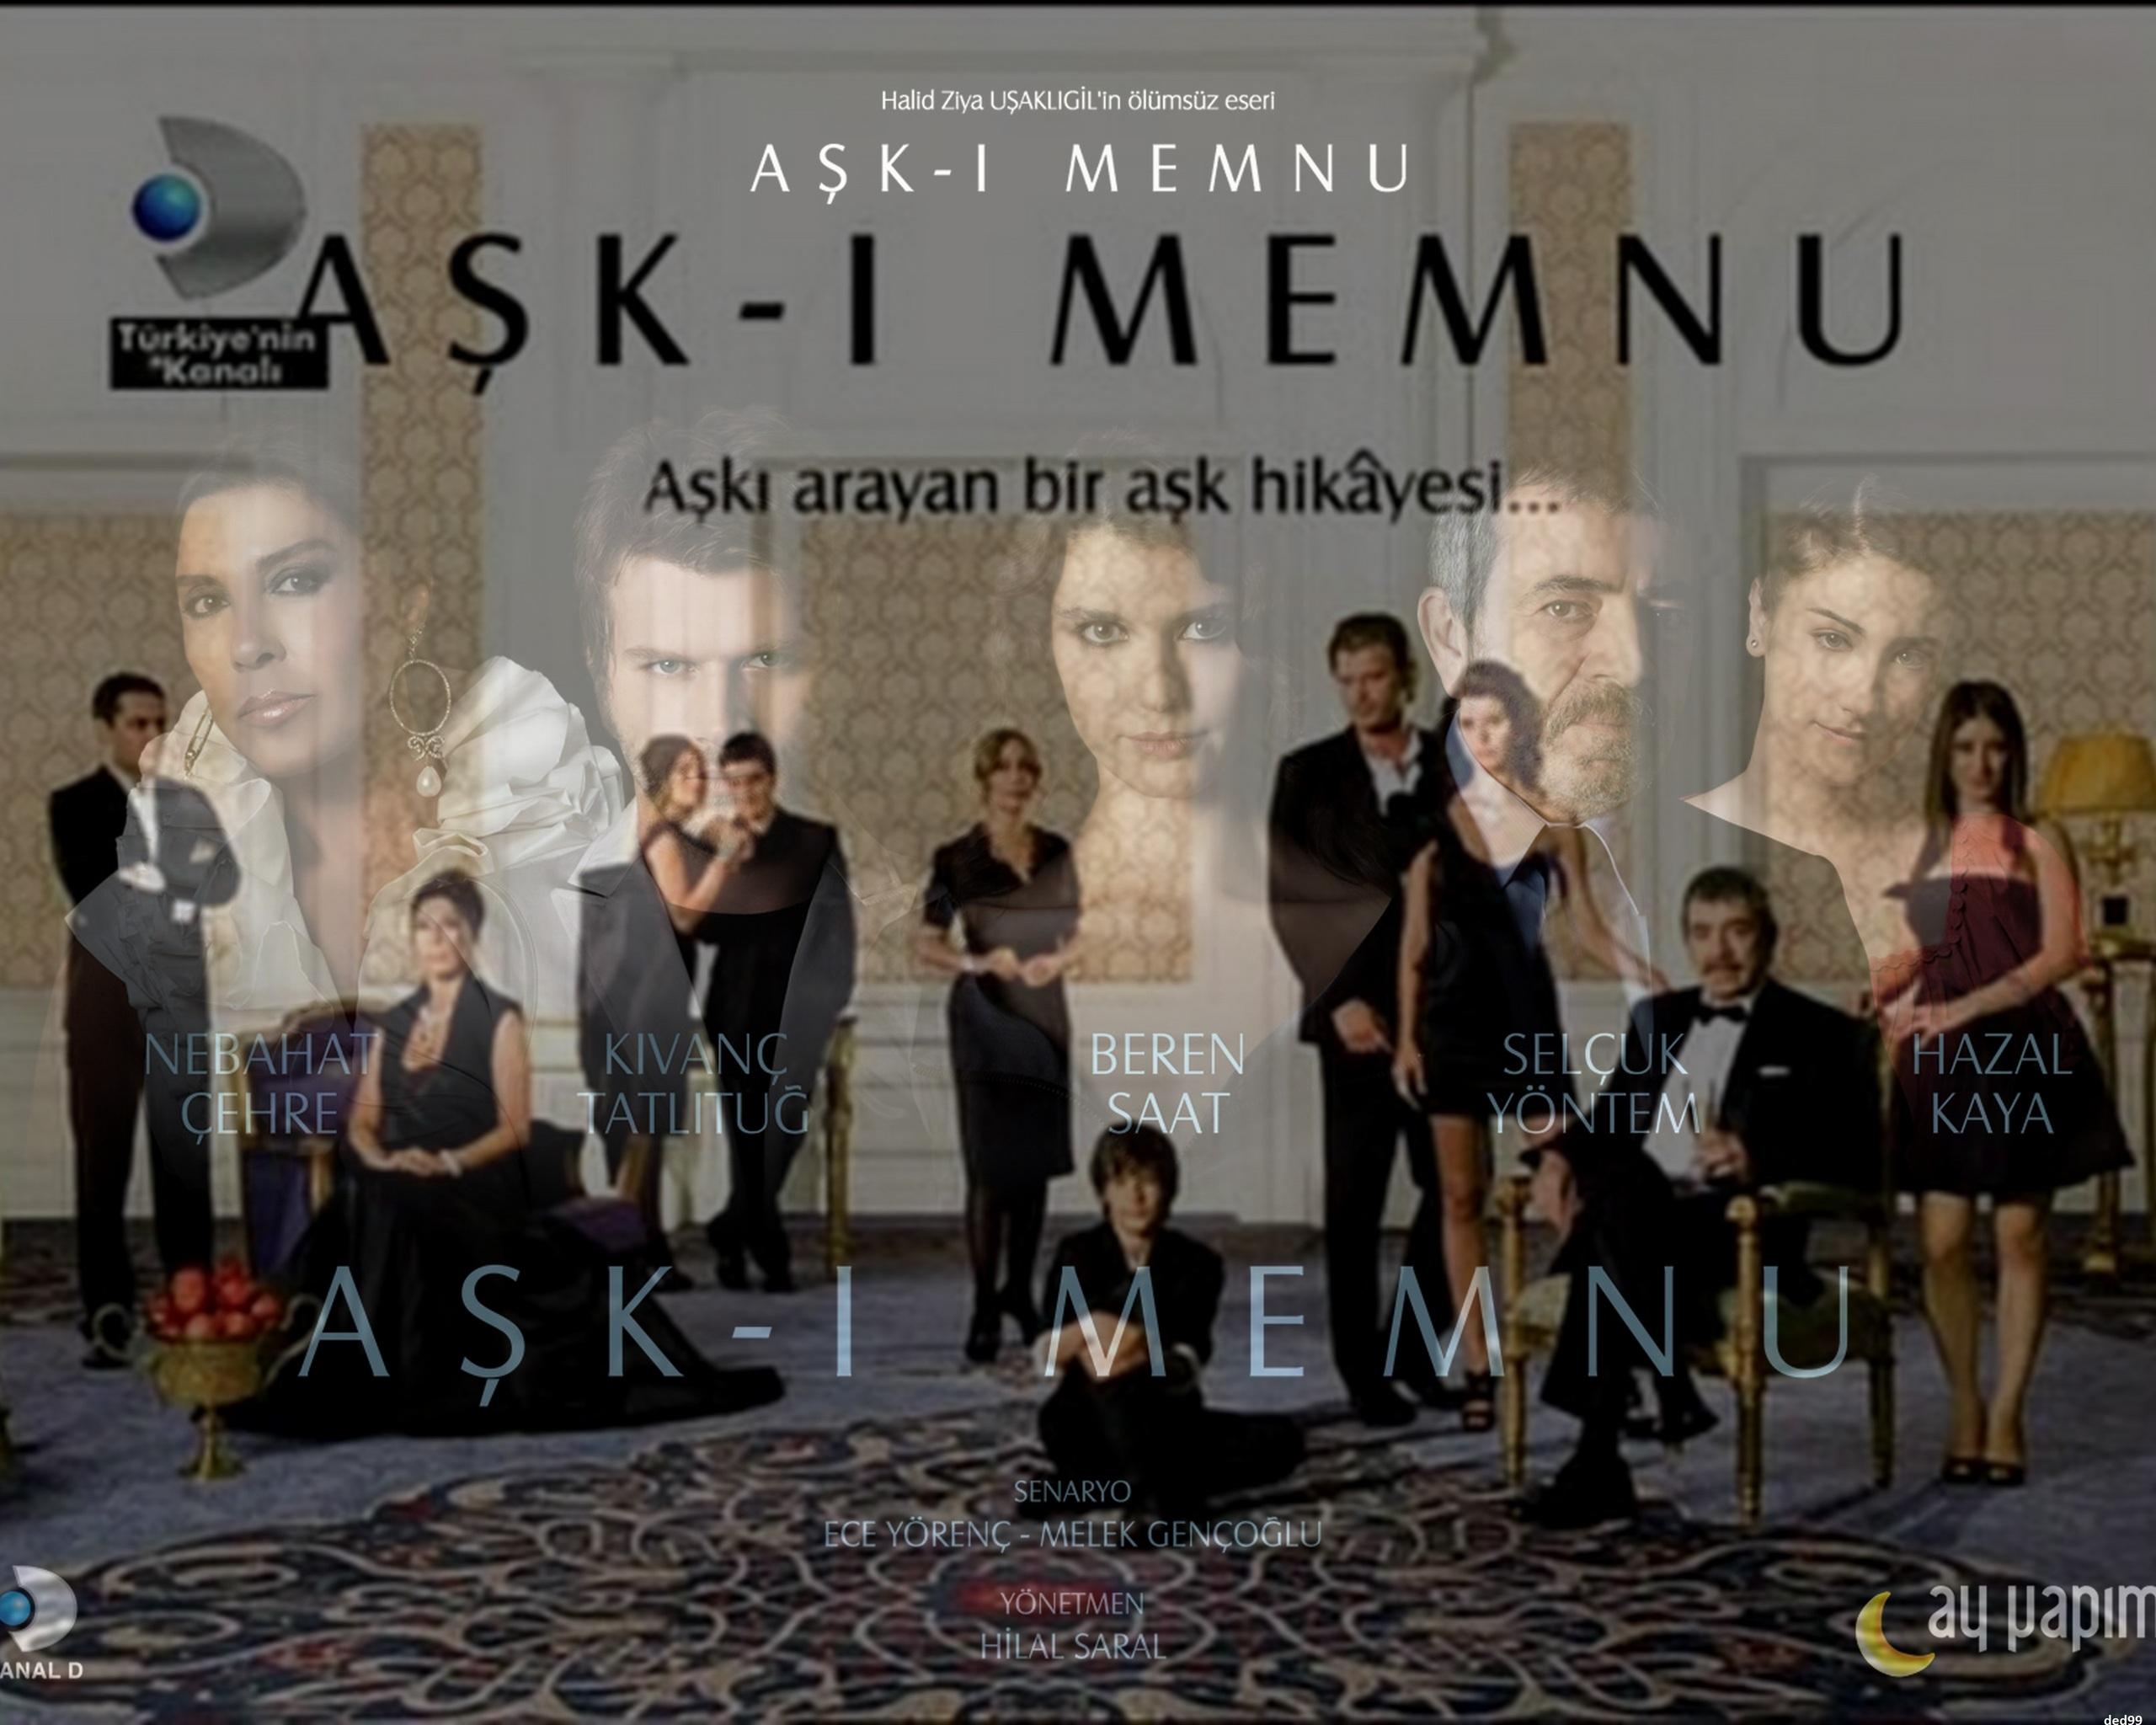 ASK-I MEMNU Ask-i Memnu